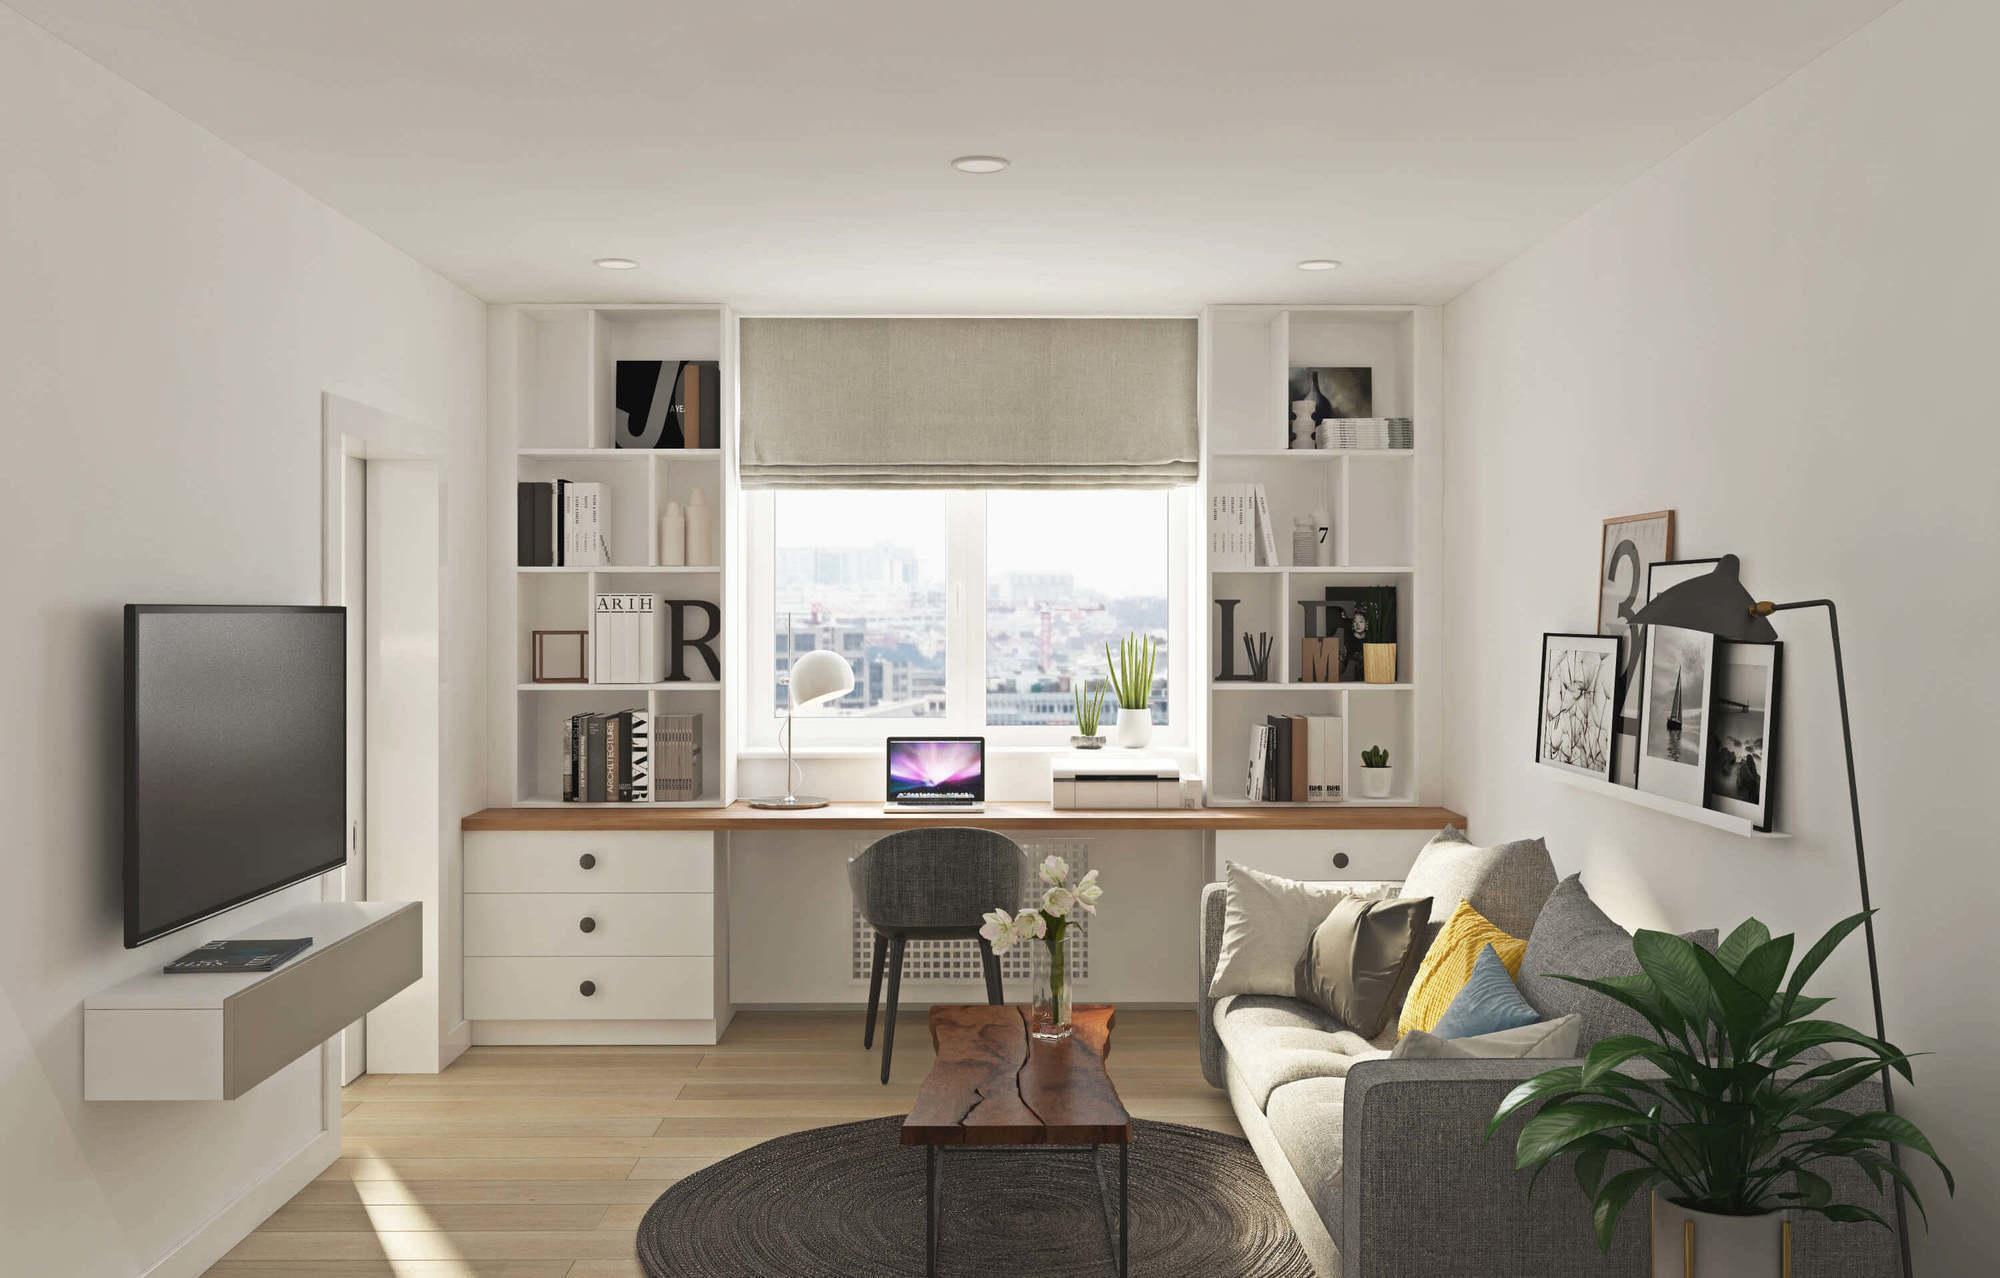 Шкафы как выбрать функциональную мебель под интерьер помещения